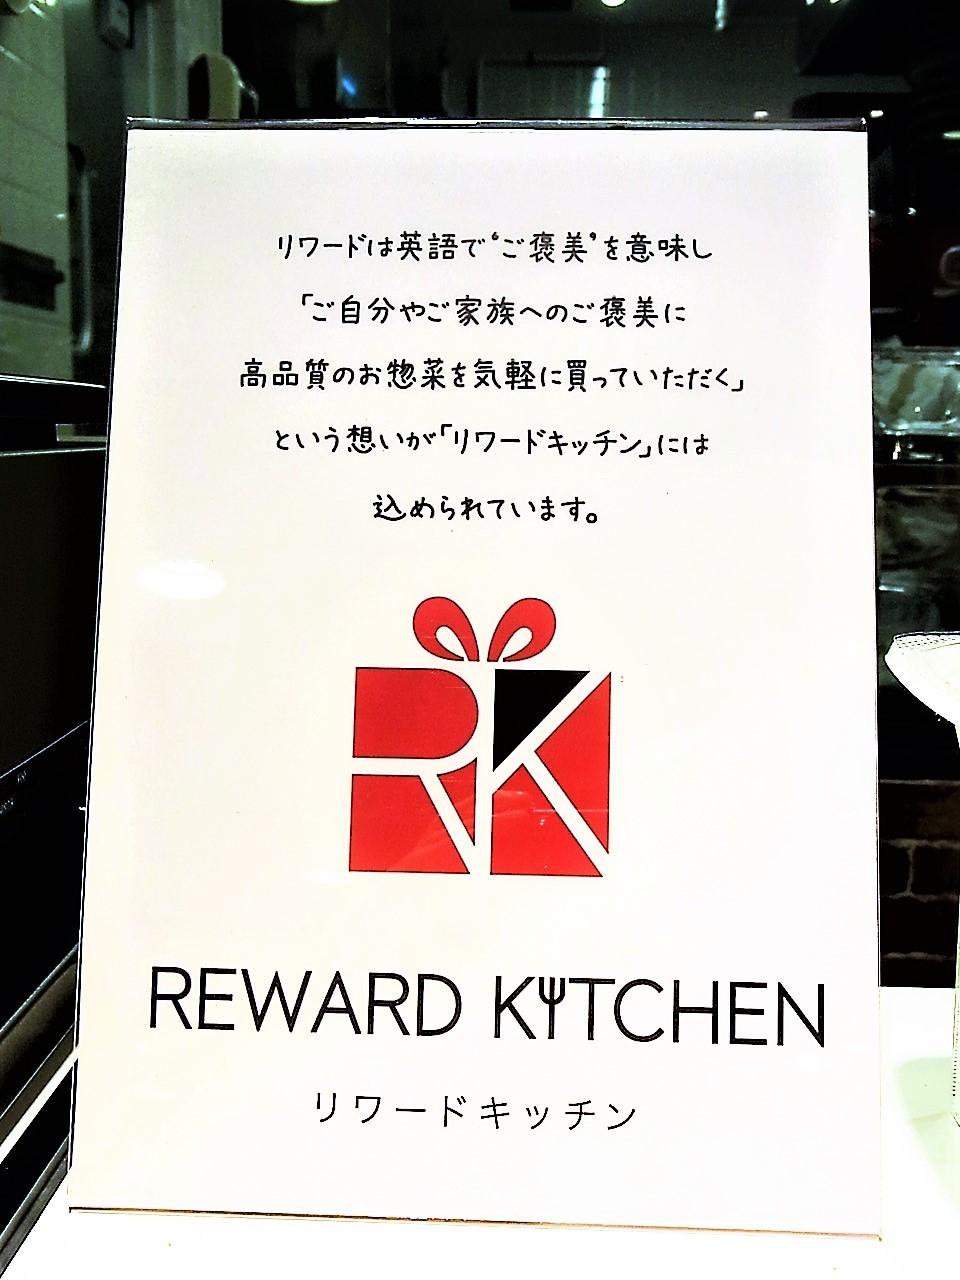 リワードキッチン イオンスタイル新茨木店